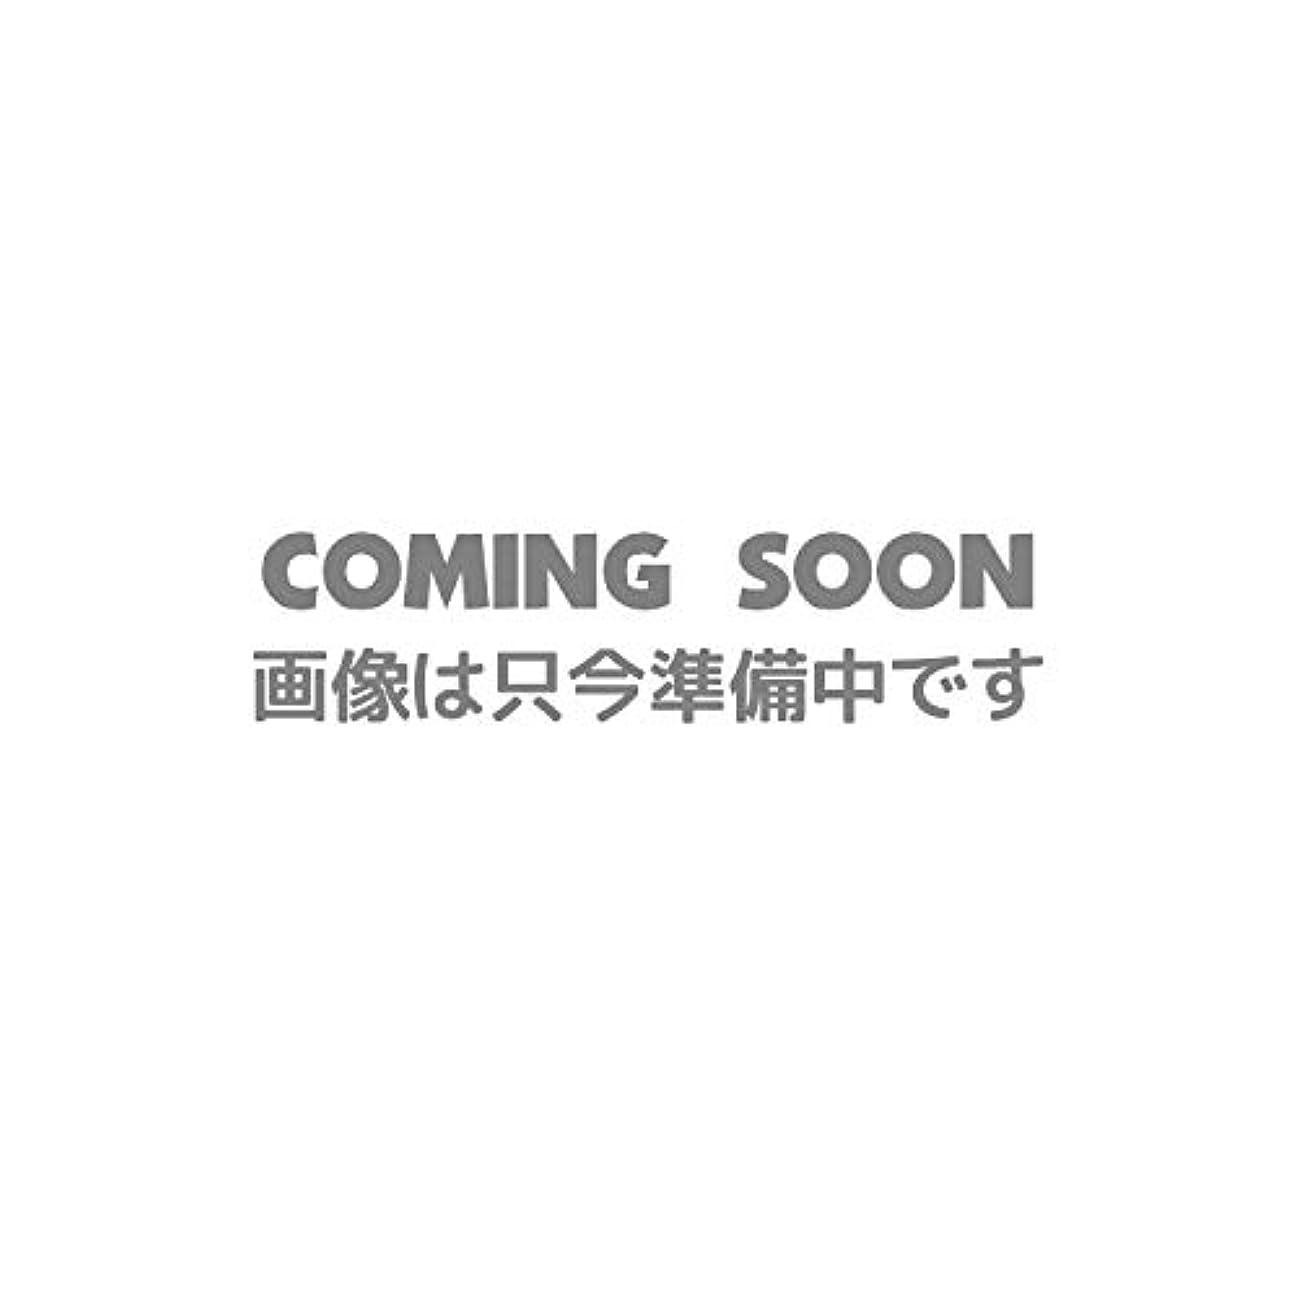 リンス白鳥ルーキーSHO-BI ディズニーチップ&デール コーム [192803]